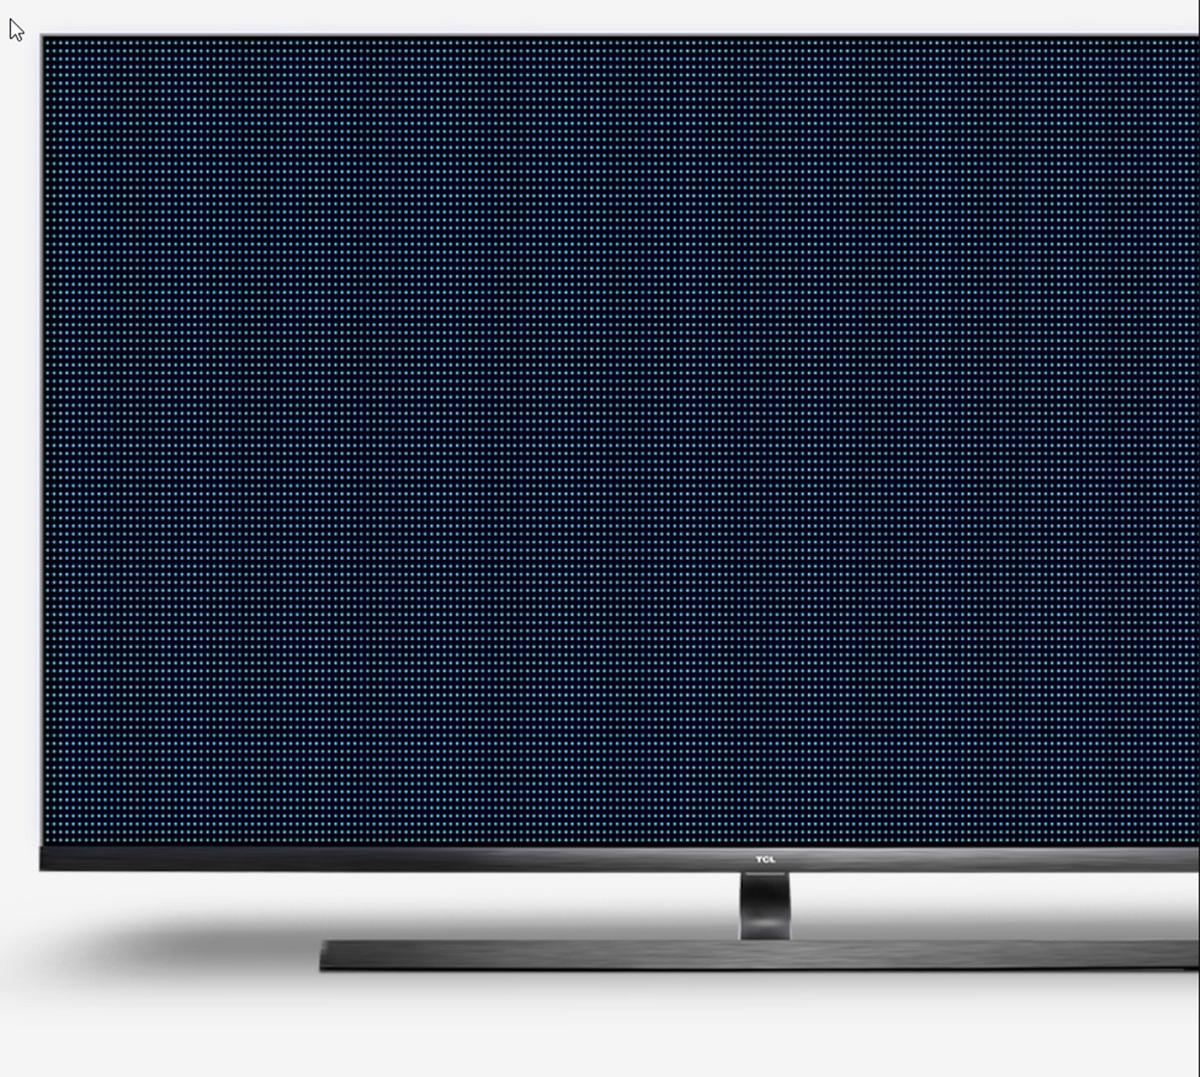 TCL Vidrian Mini-LED Smart TV at CES 2020